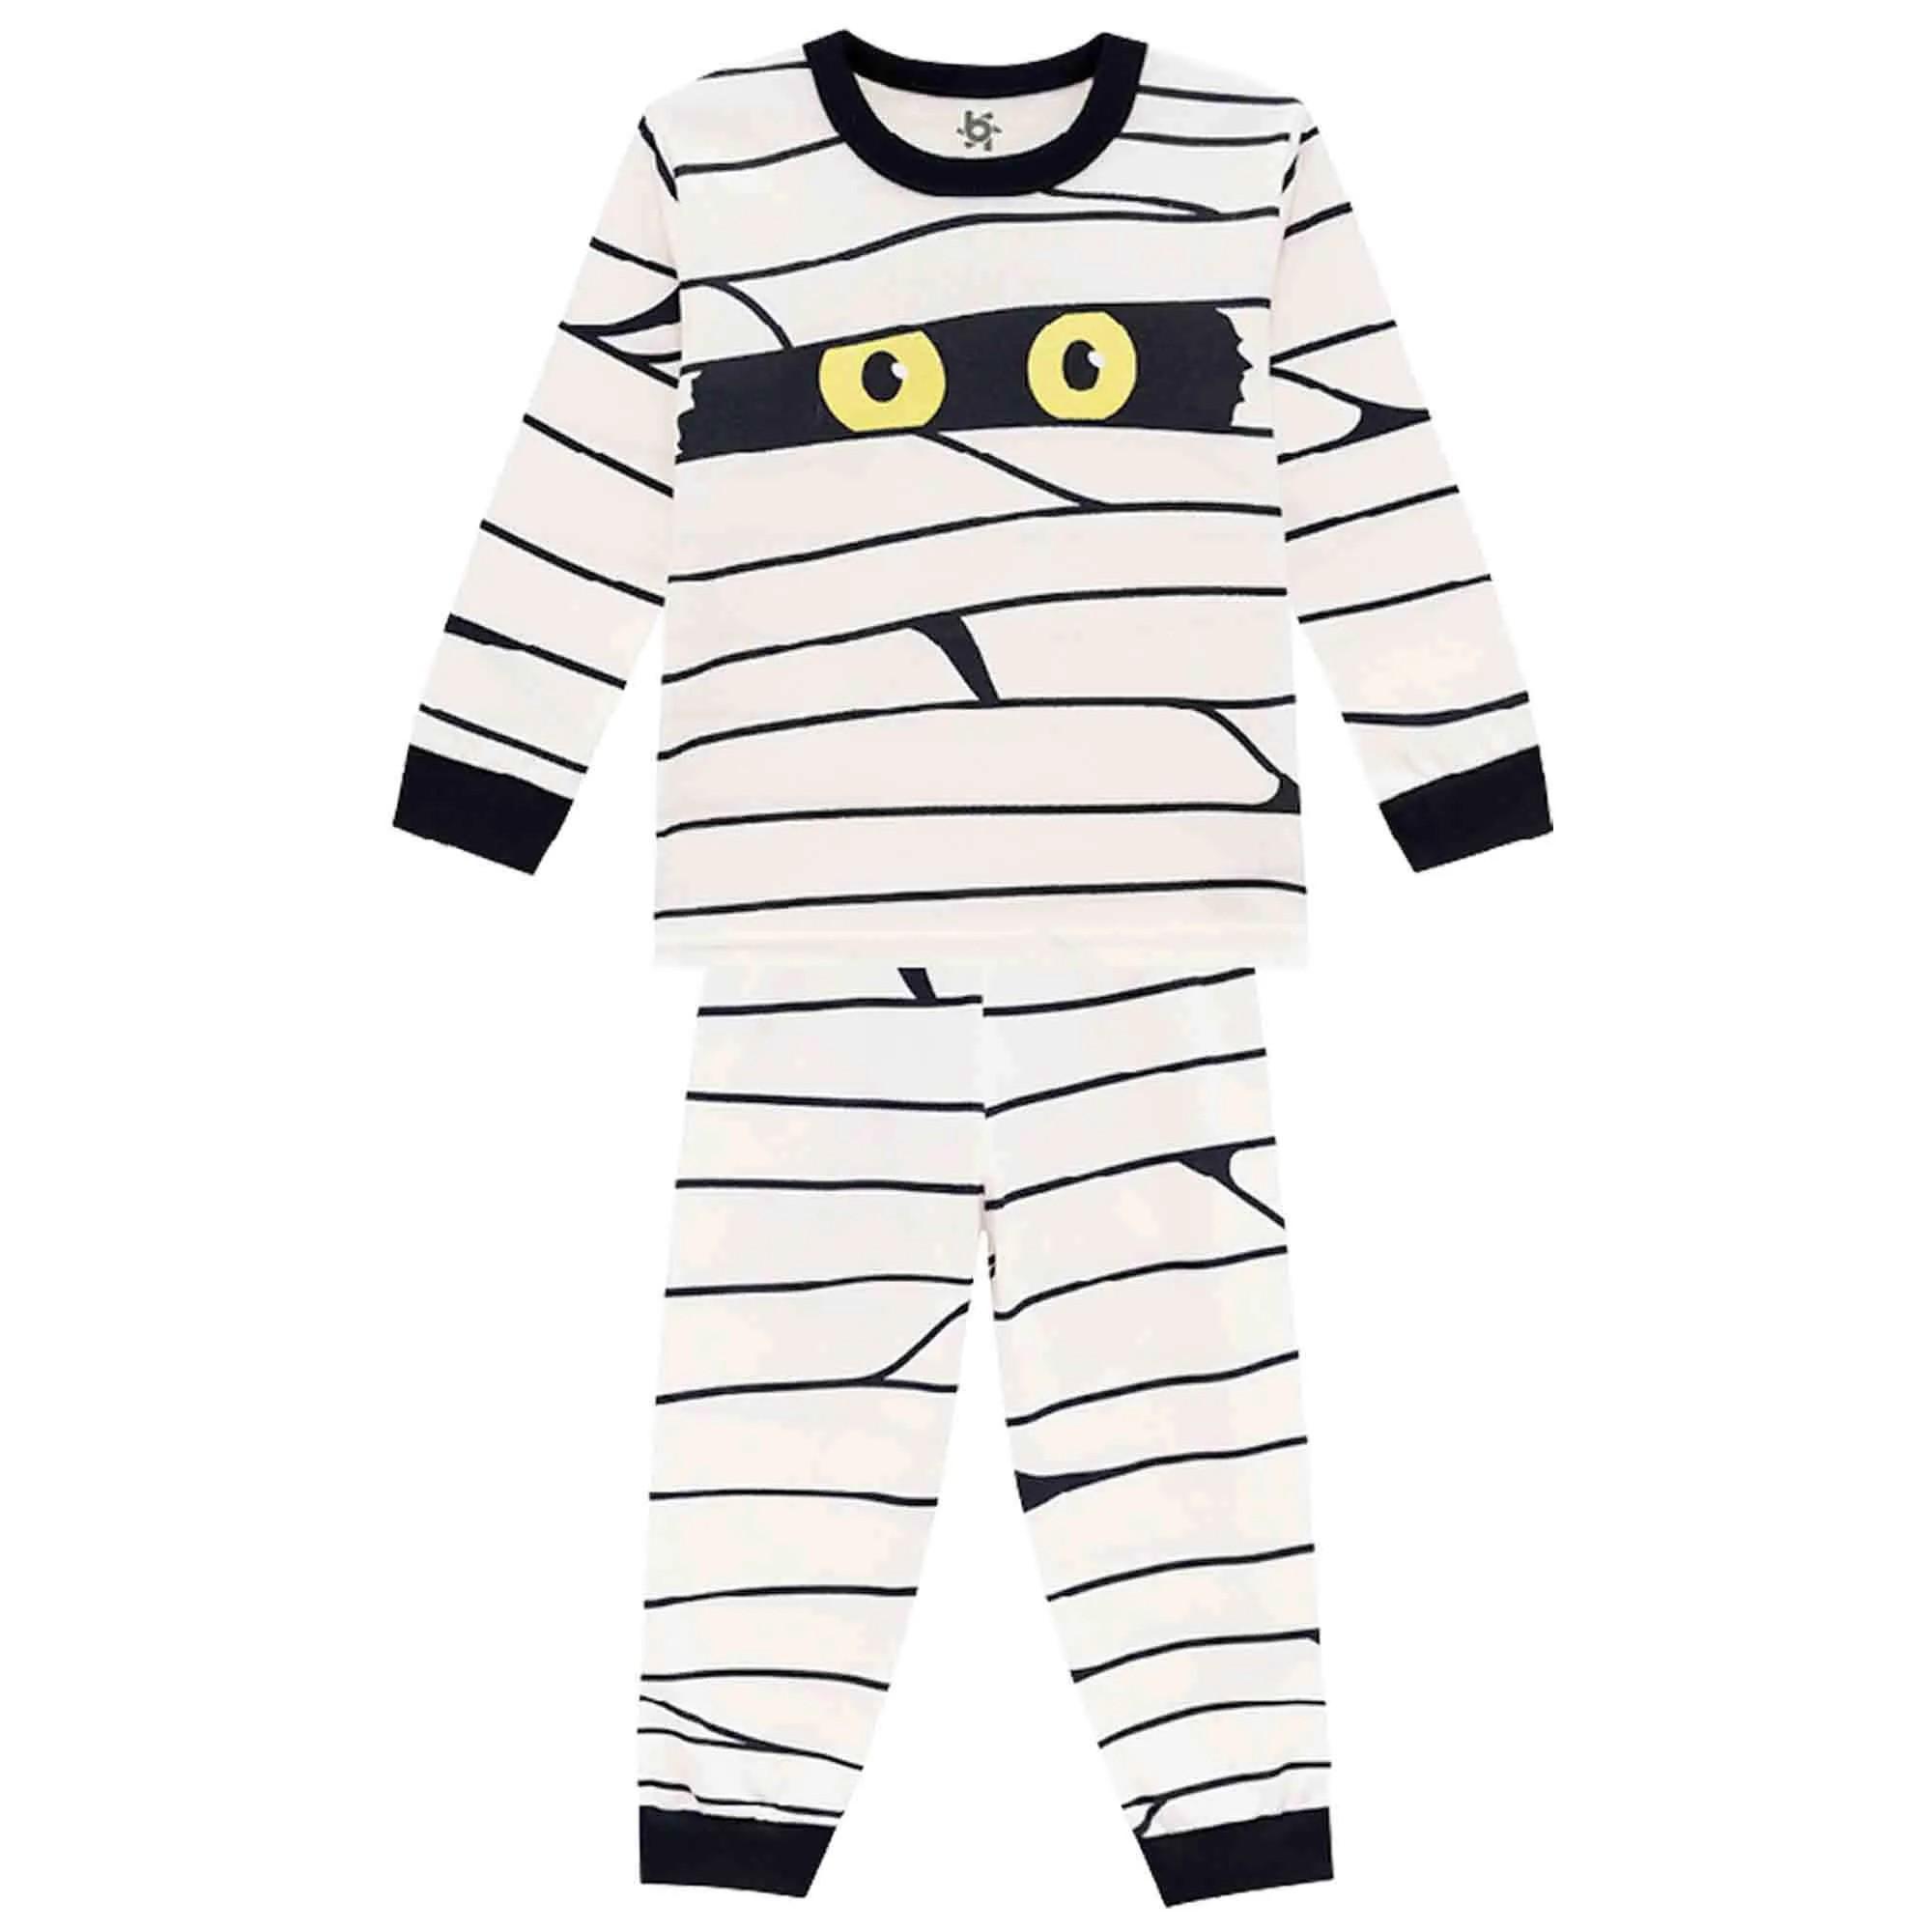 Pijama Inverno Brandili Camiseta e Calça - Brilha no Escuro - 4 ao 10